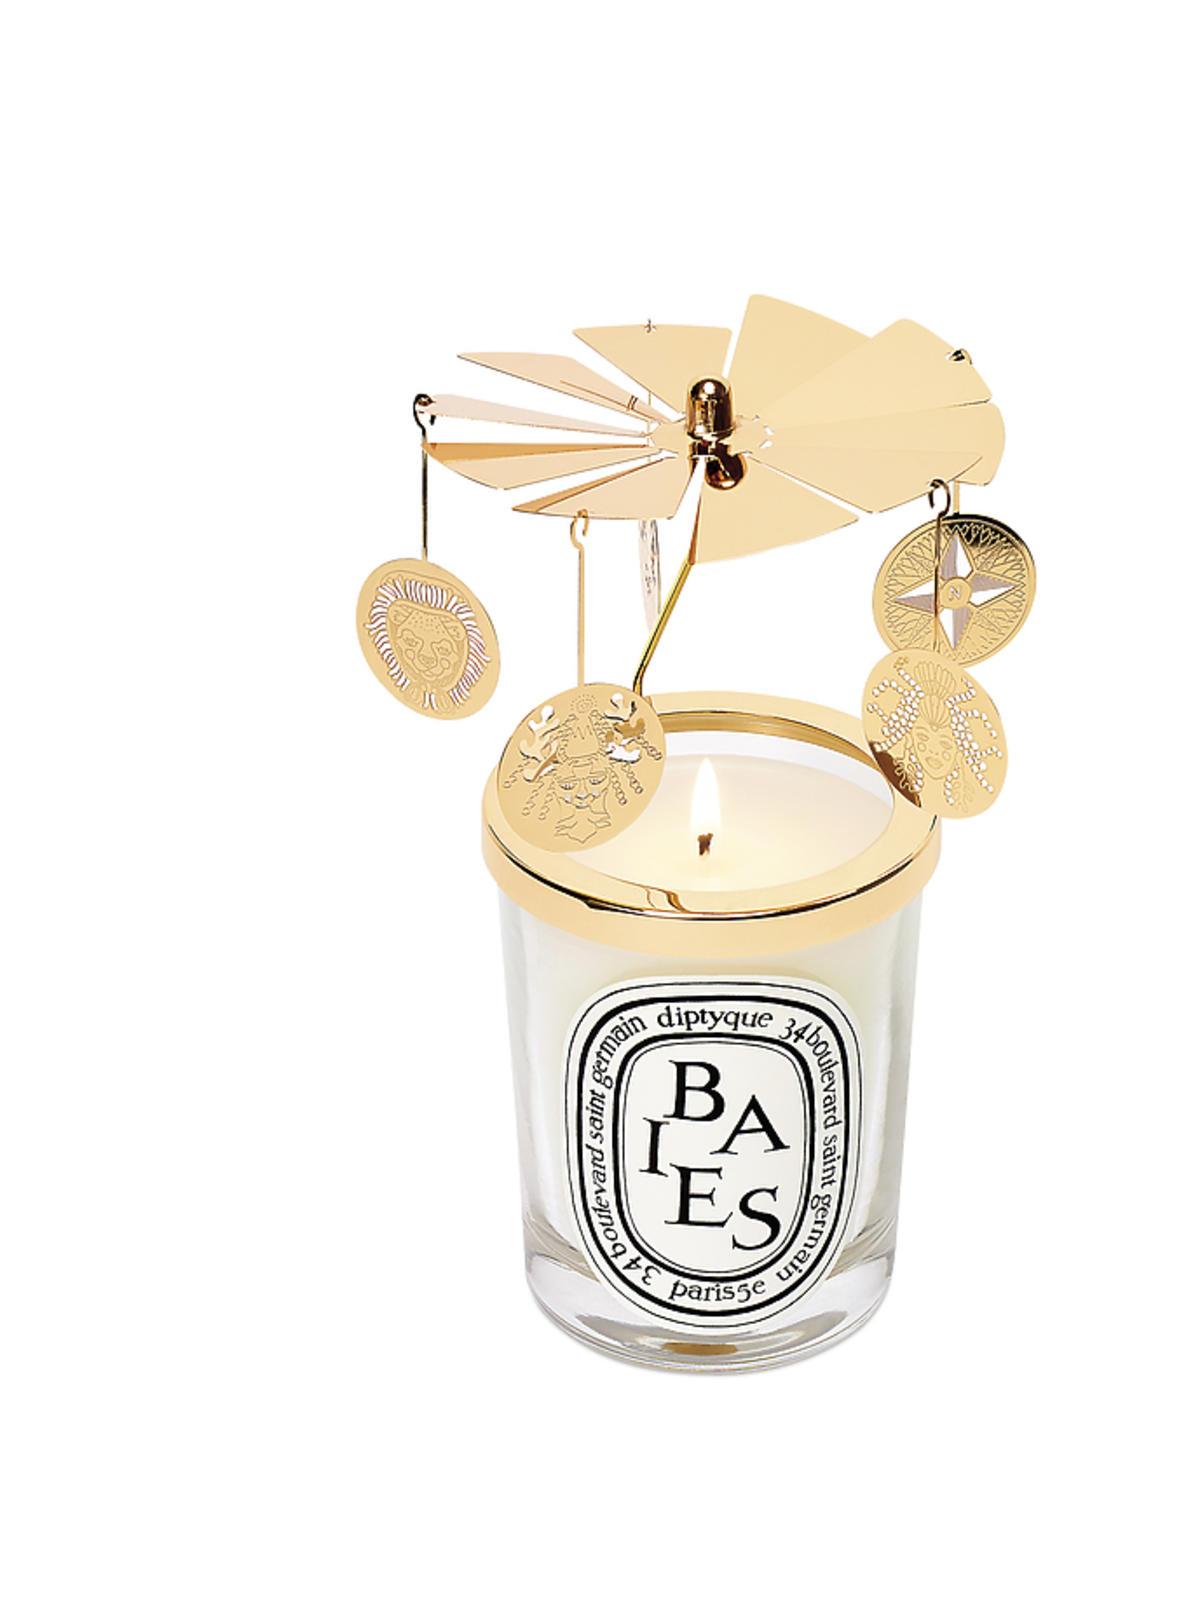 Karuzela na świeczkę, Dyptique, 215 zł (świeca sprzedawana jest osobno)